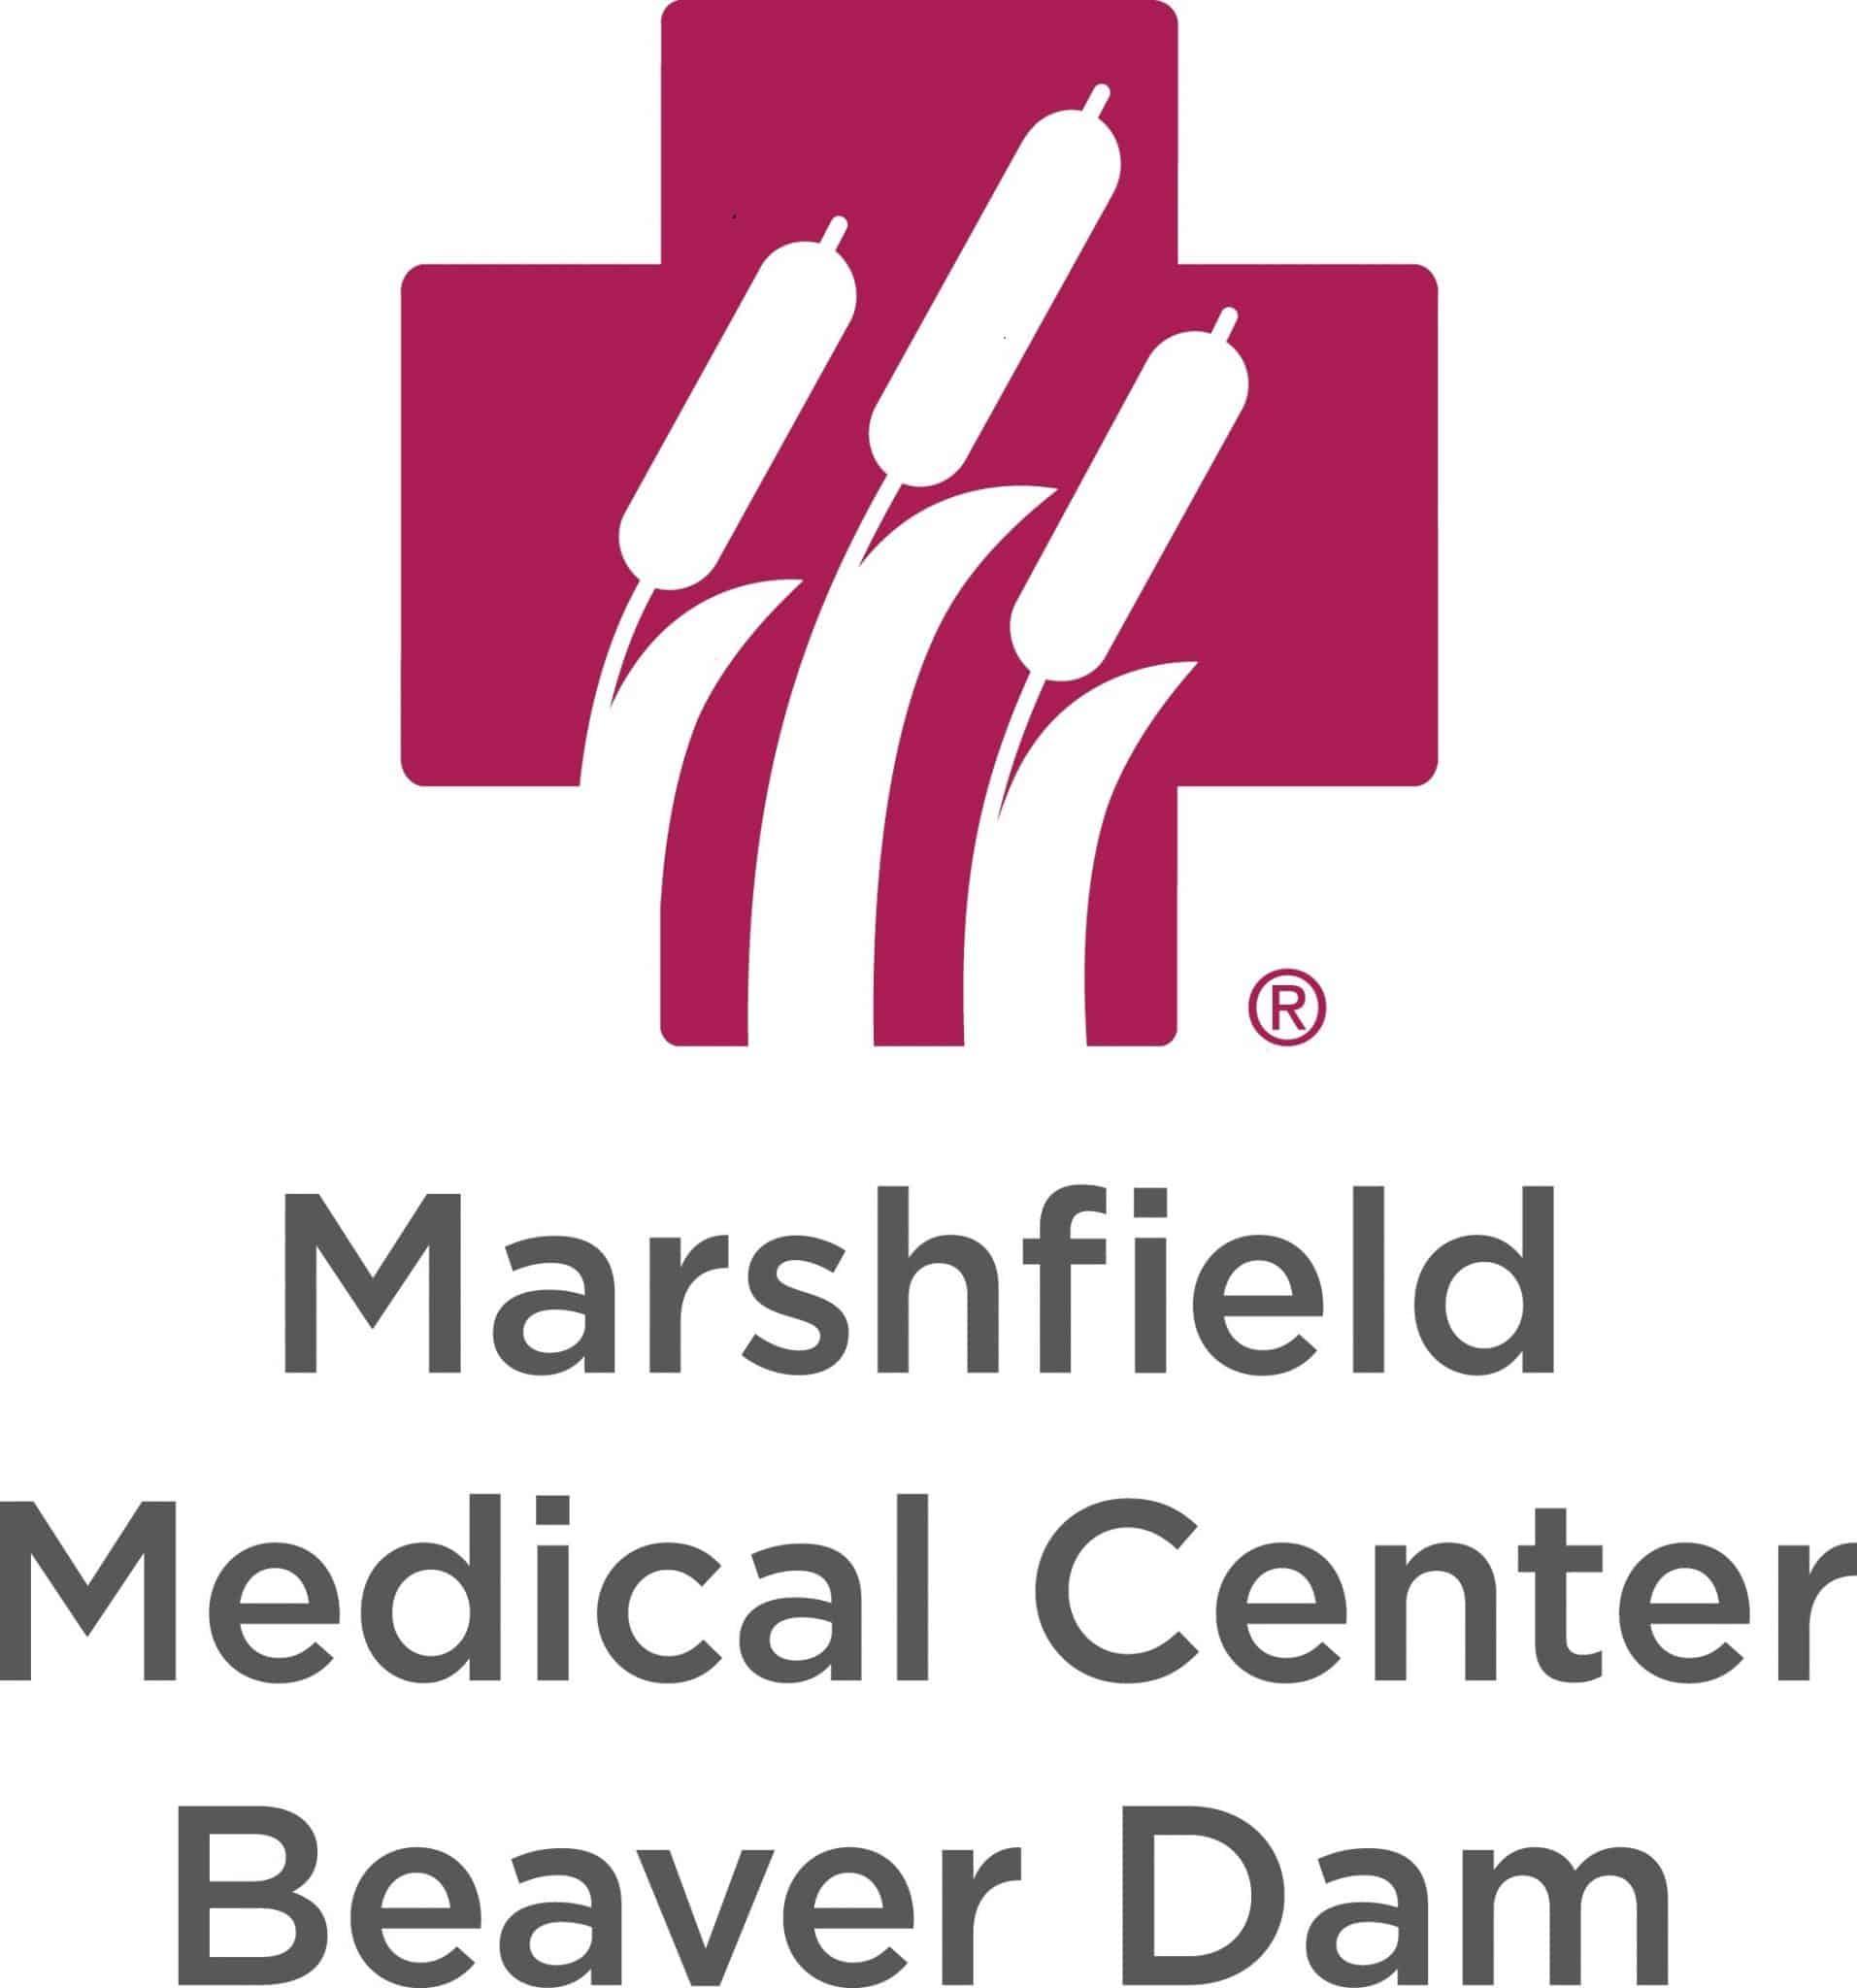 Marshfield Medical Center Beaver Dam